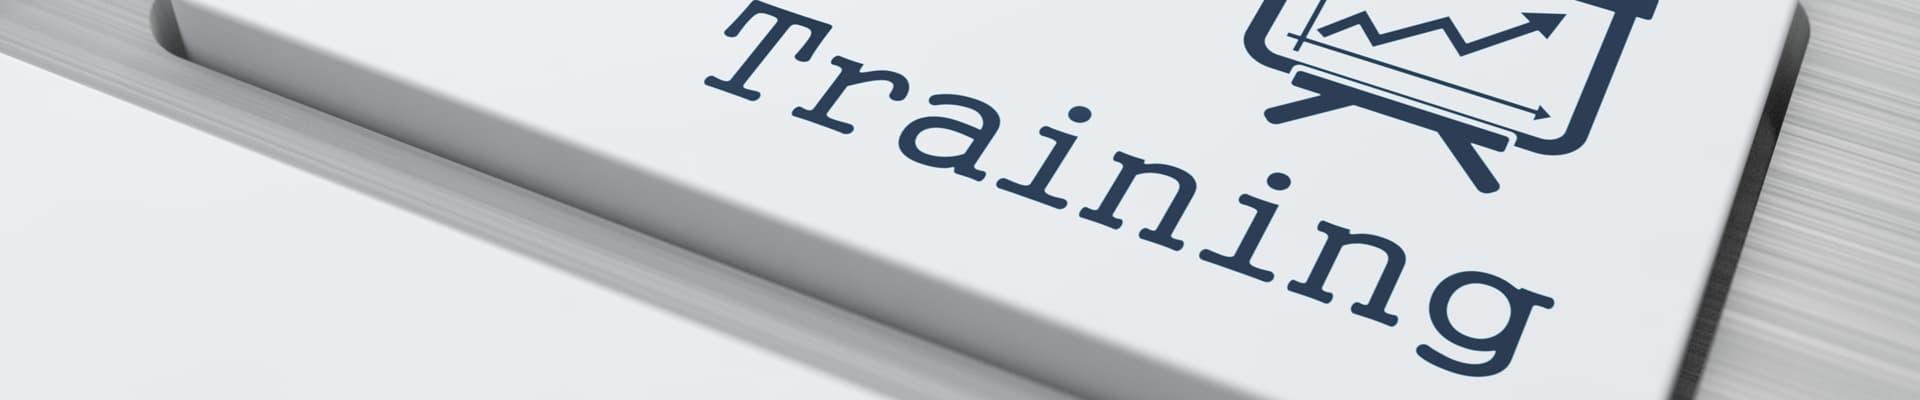 Wir bieten Trainings in den Bereichen:Management, Führung, Kondenorientierung,Pflege,Expertenstandarsds,Demenz,Psychatrie,Qualitätsmanagement und Selbsmanagement